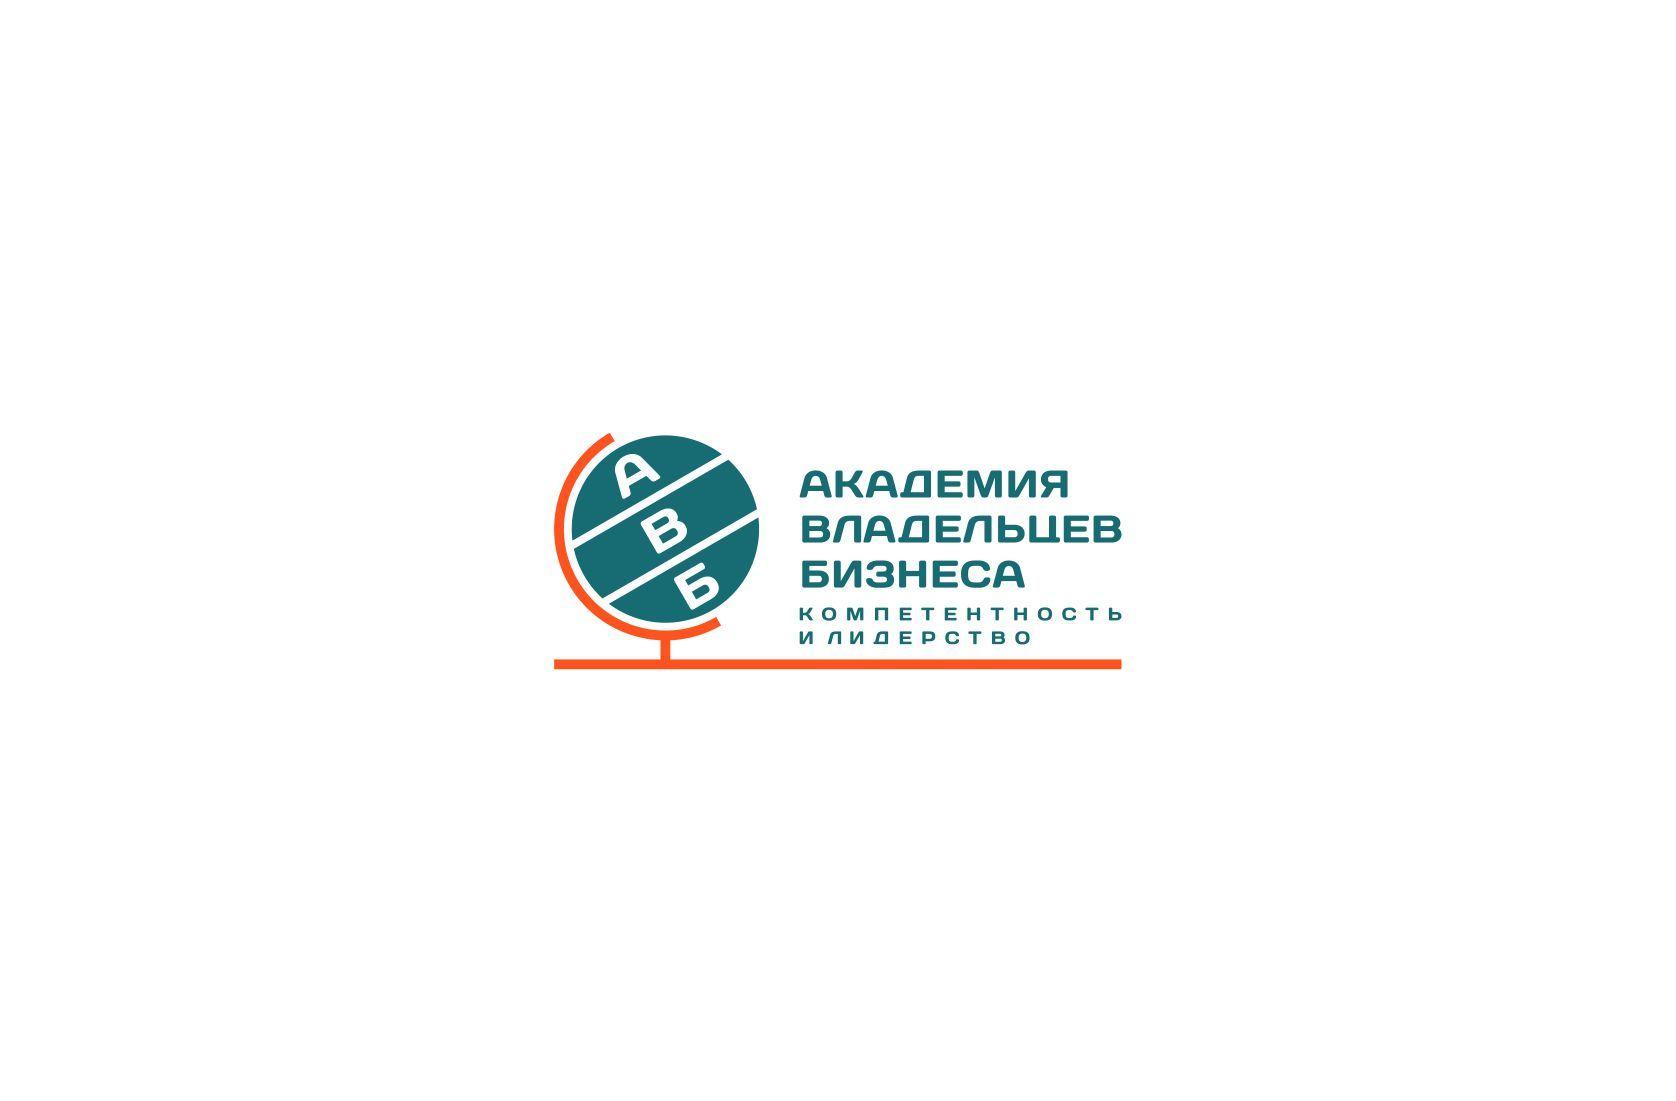 Лого и фирменный стиль для АКАДЕМИЯ ВЛАДЕЛЬЦЕВ БИЗНЕСА   АВБ - дизайнер graphin4ik